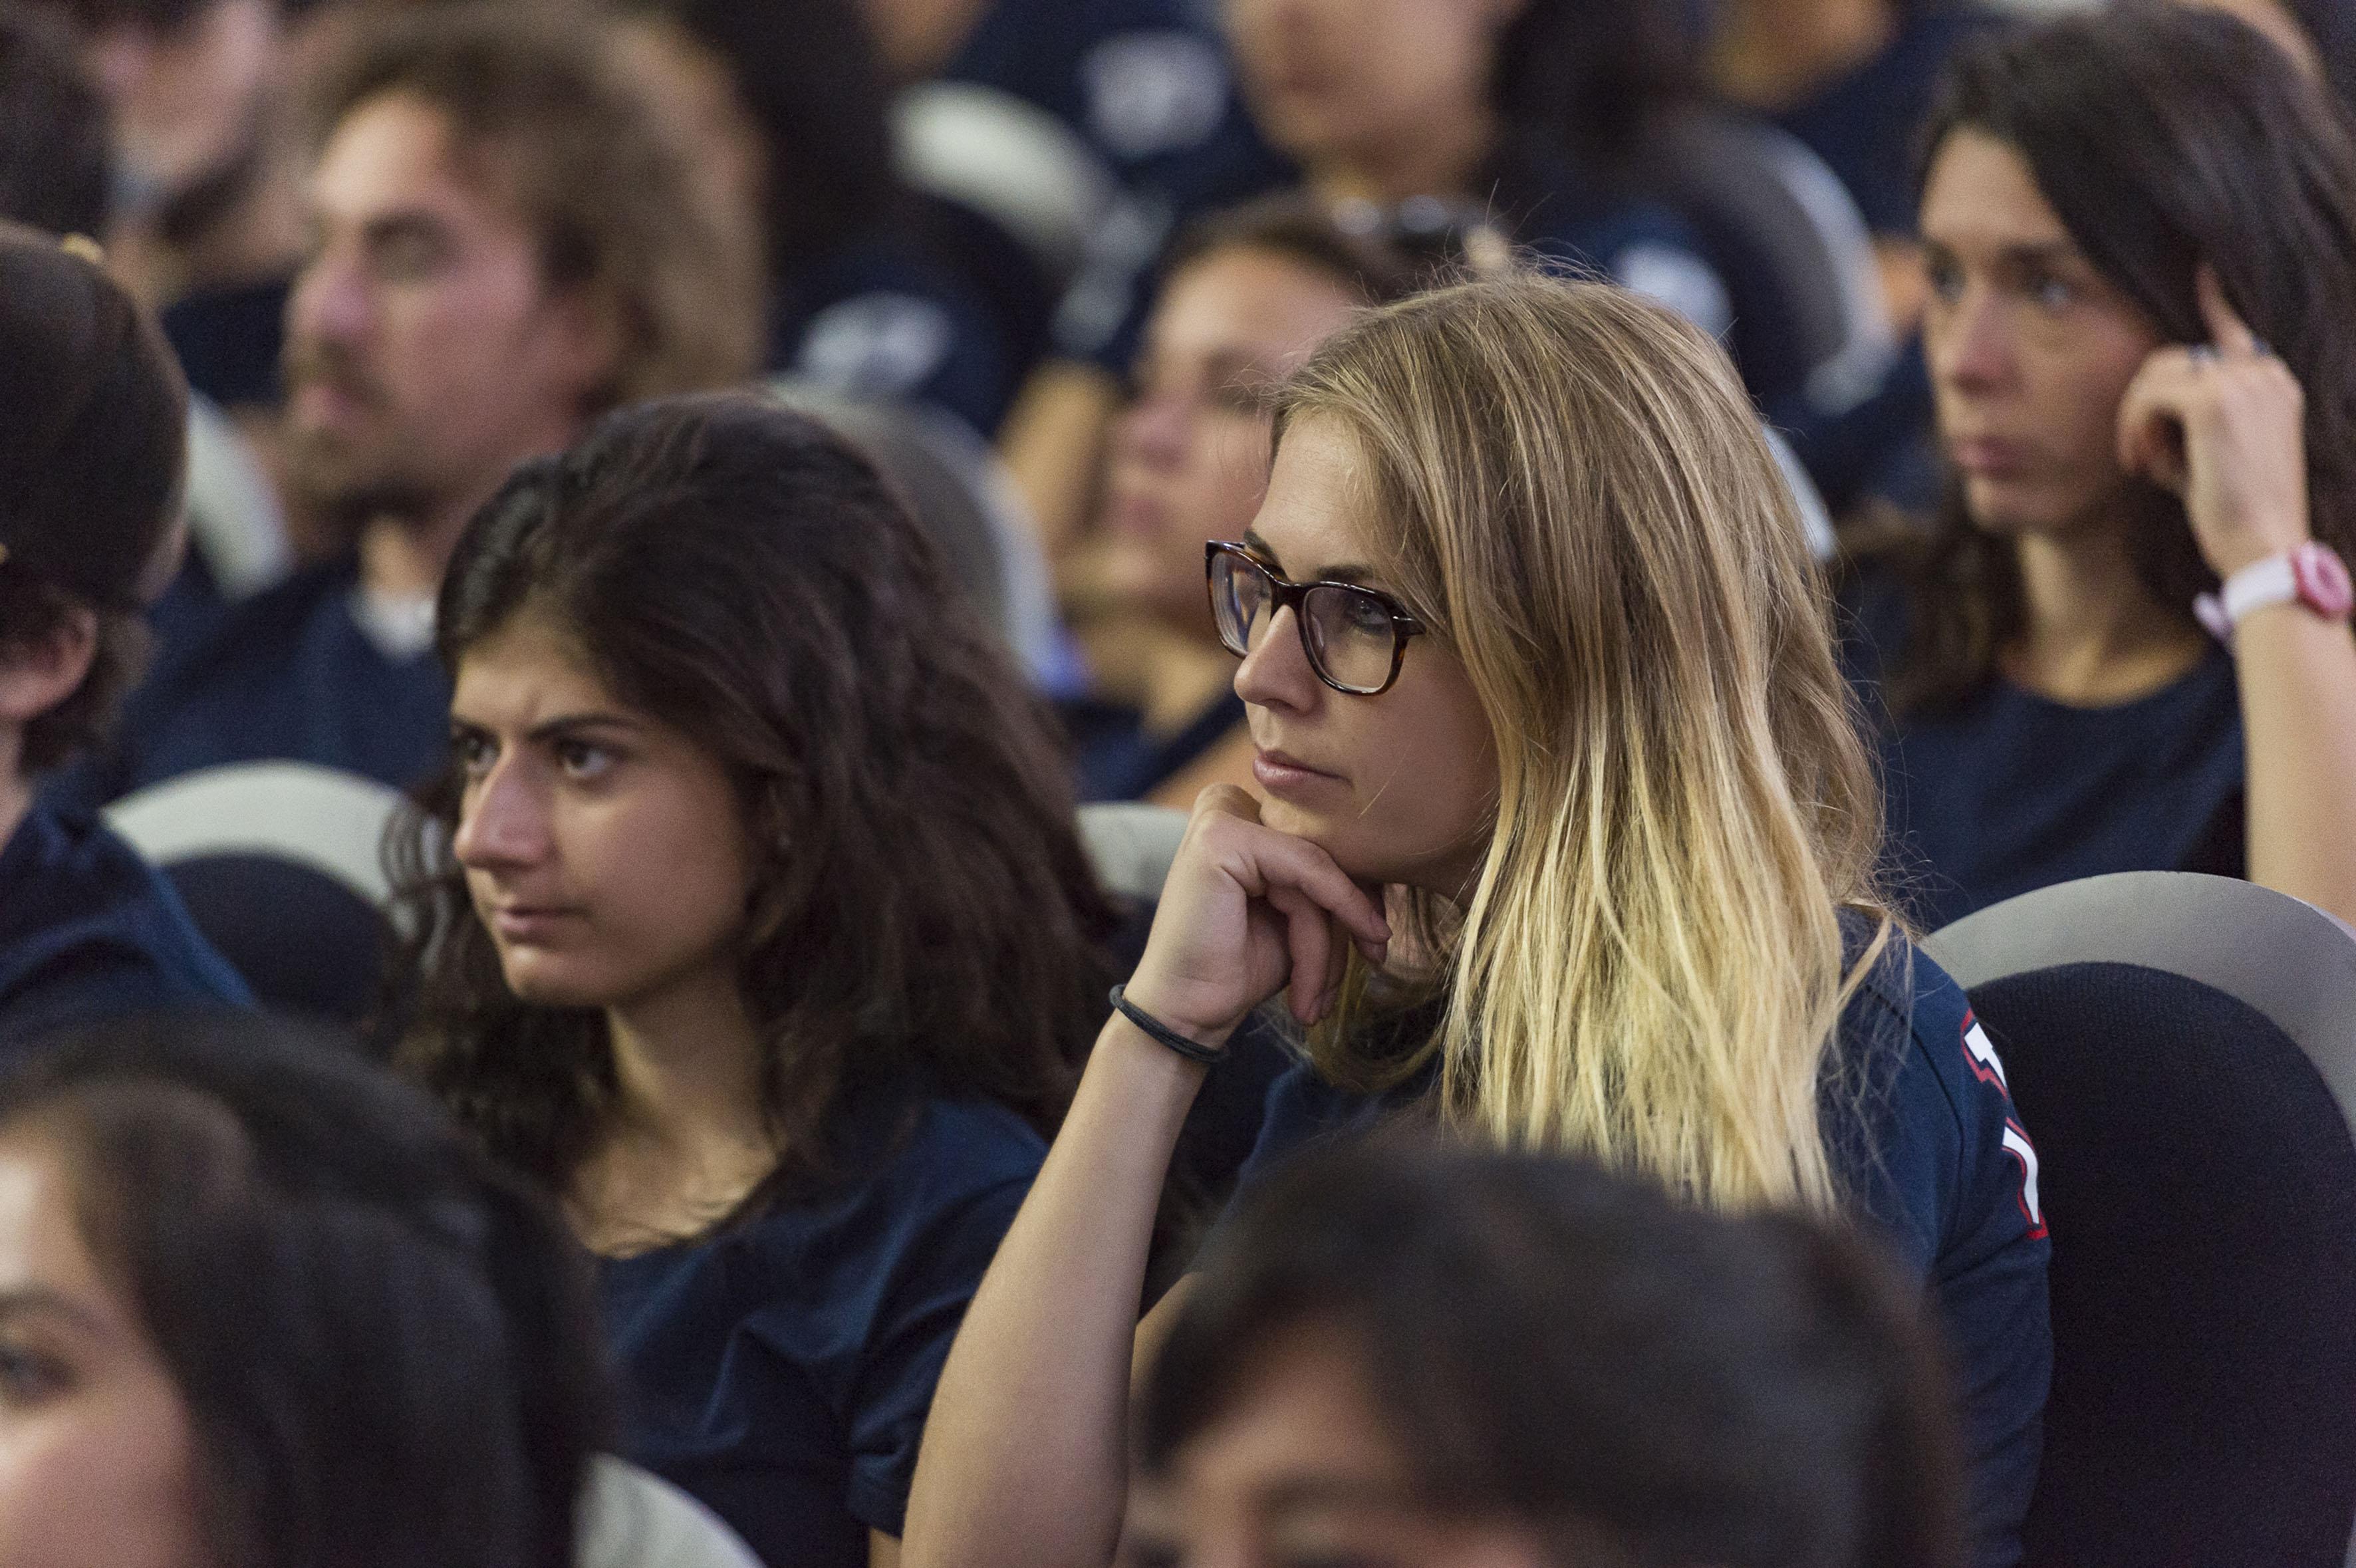 Mujeres estudiantes del extranjero, presentes en ceremonia de bienvenida.